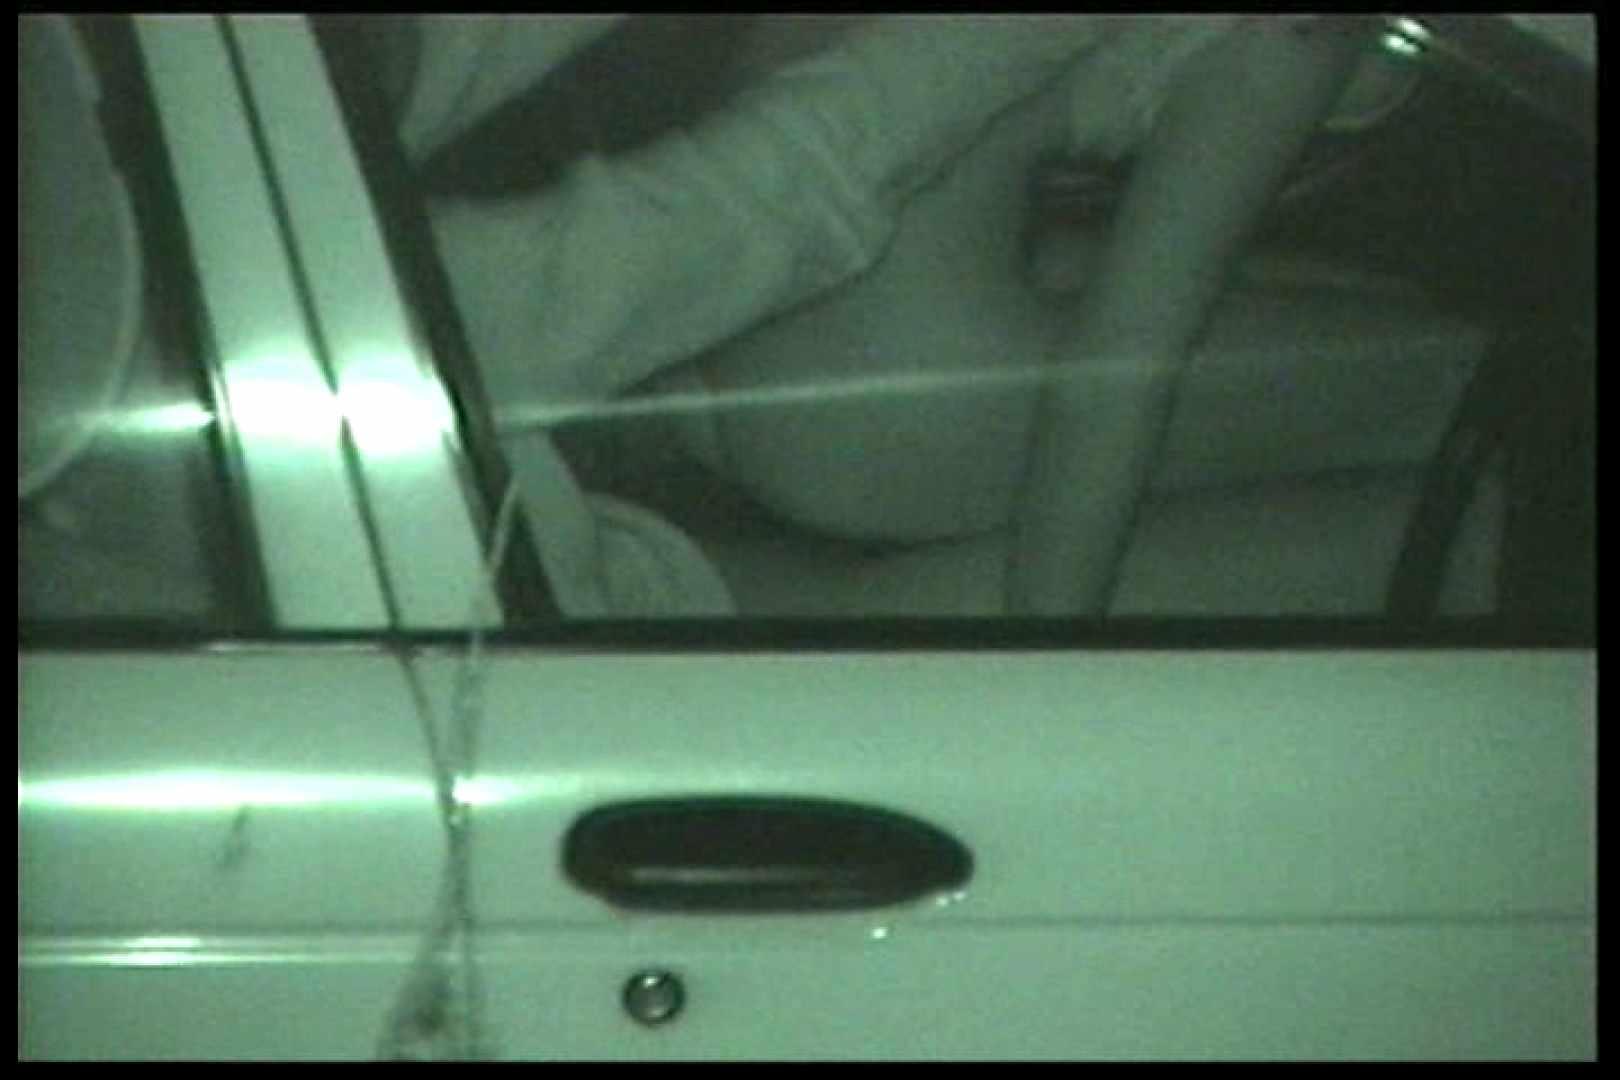 車の中はラブホテル 無修正版  Vol.15 赤外線 性交動画流出 77pic 5